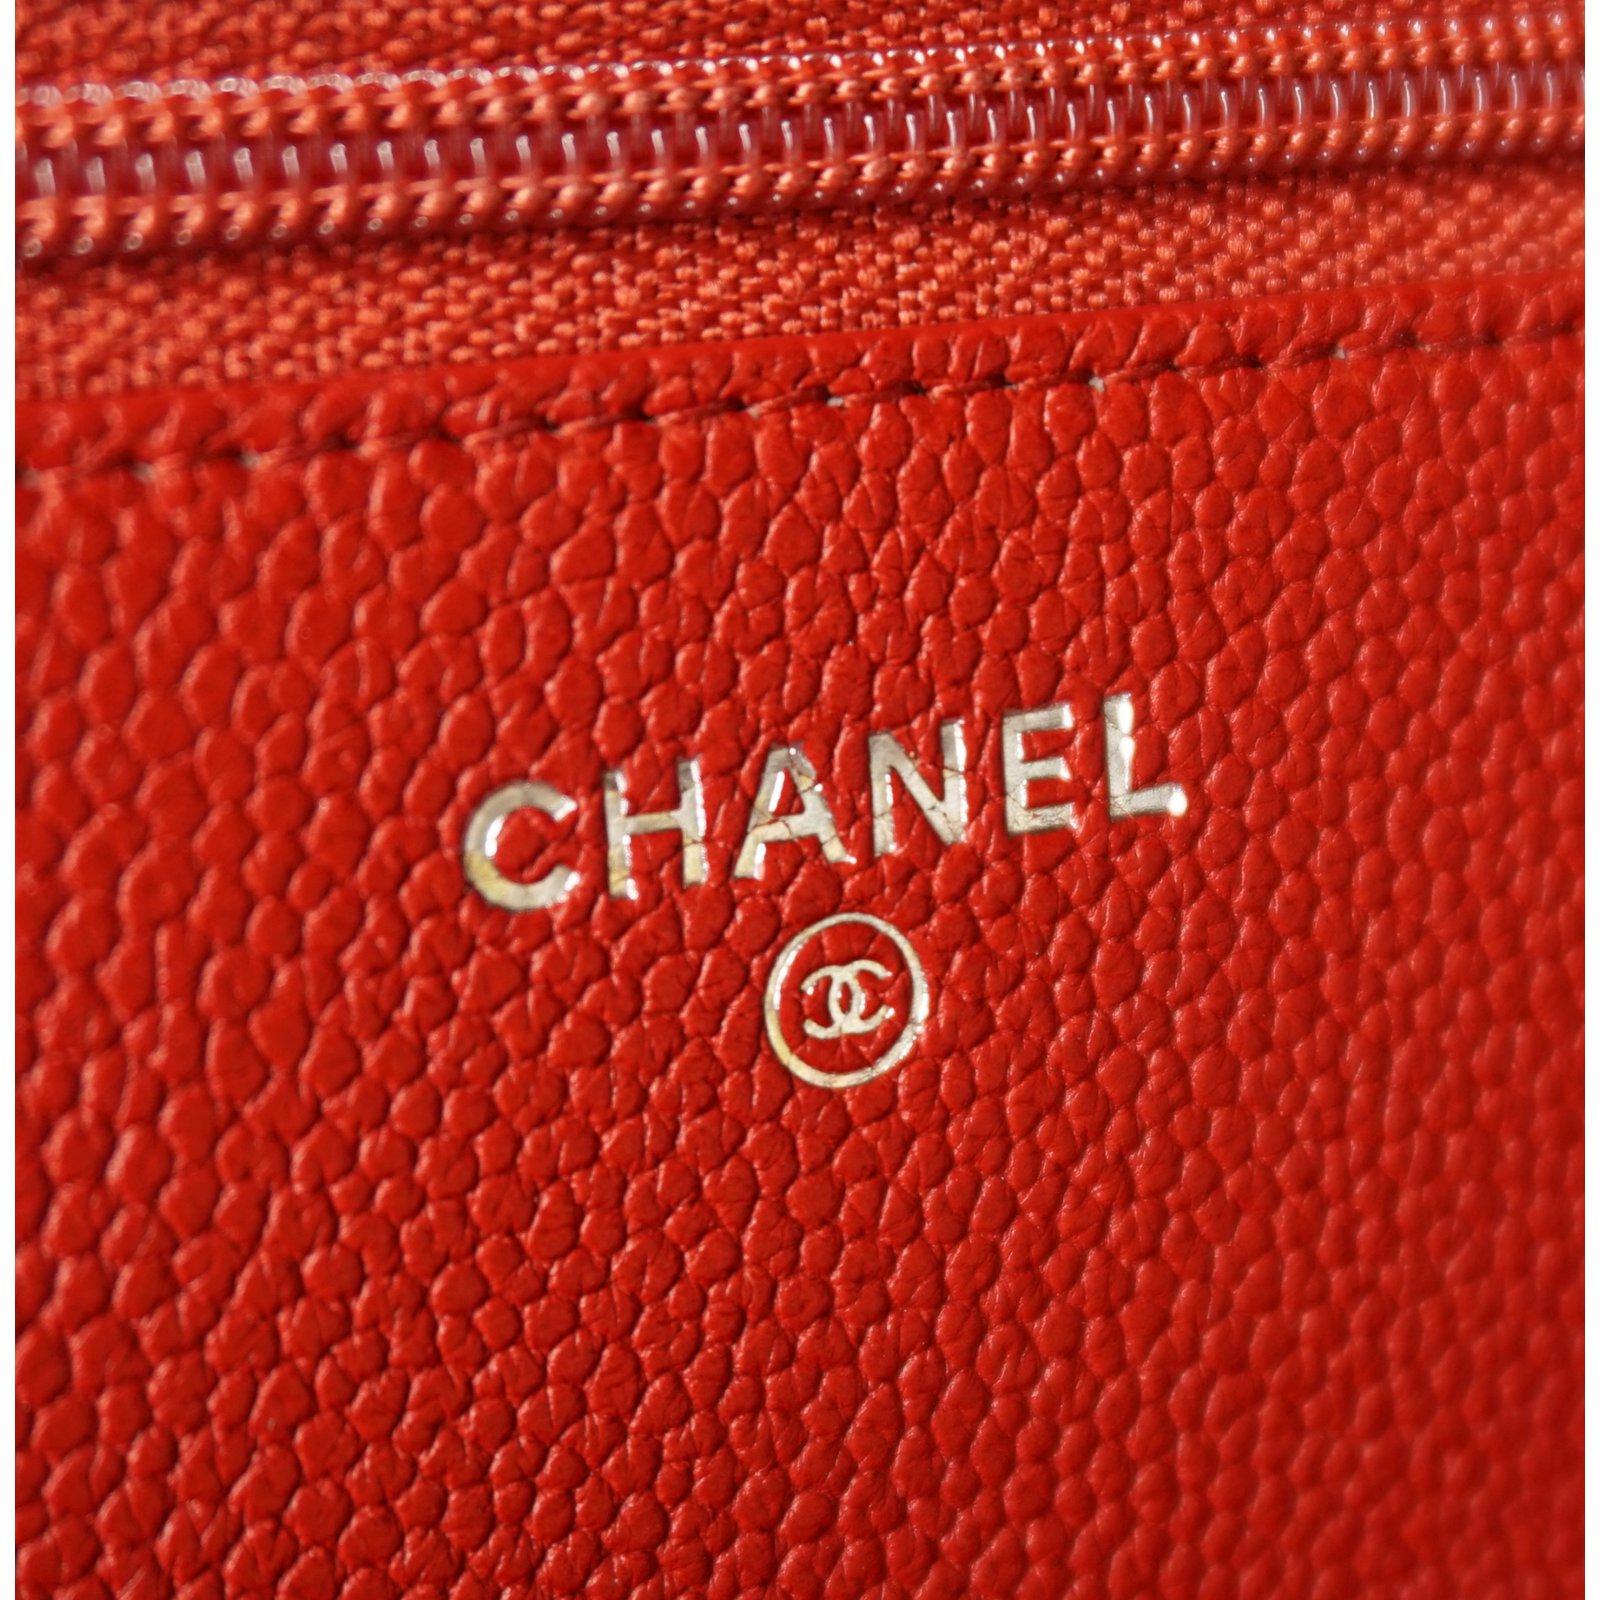 b4acffcb998a Chanel WOC boy Clutch bags Leather Red ref.21600 - Joli Closet